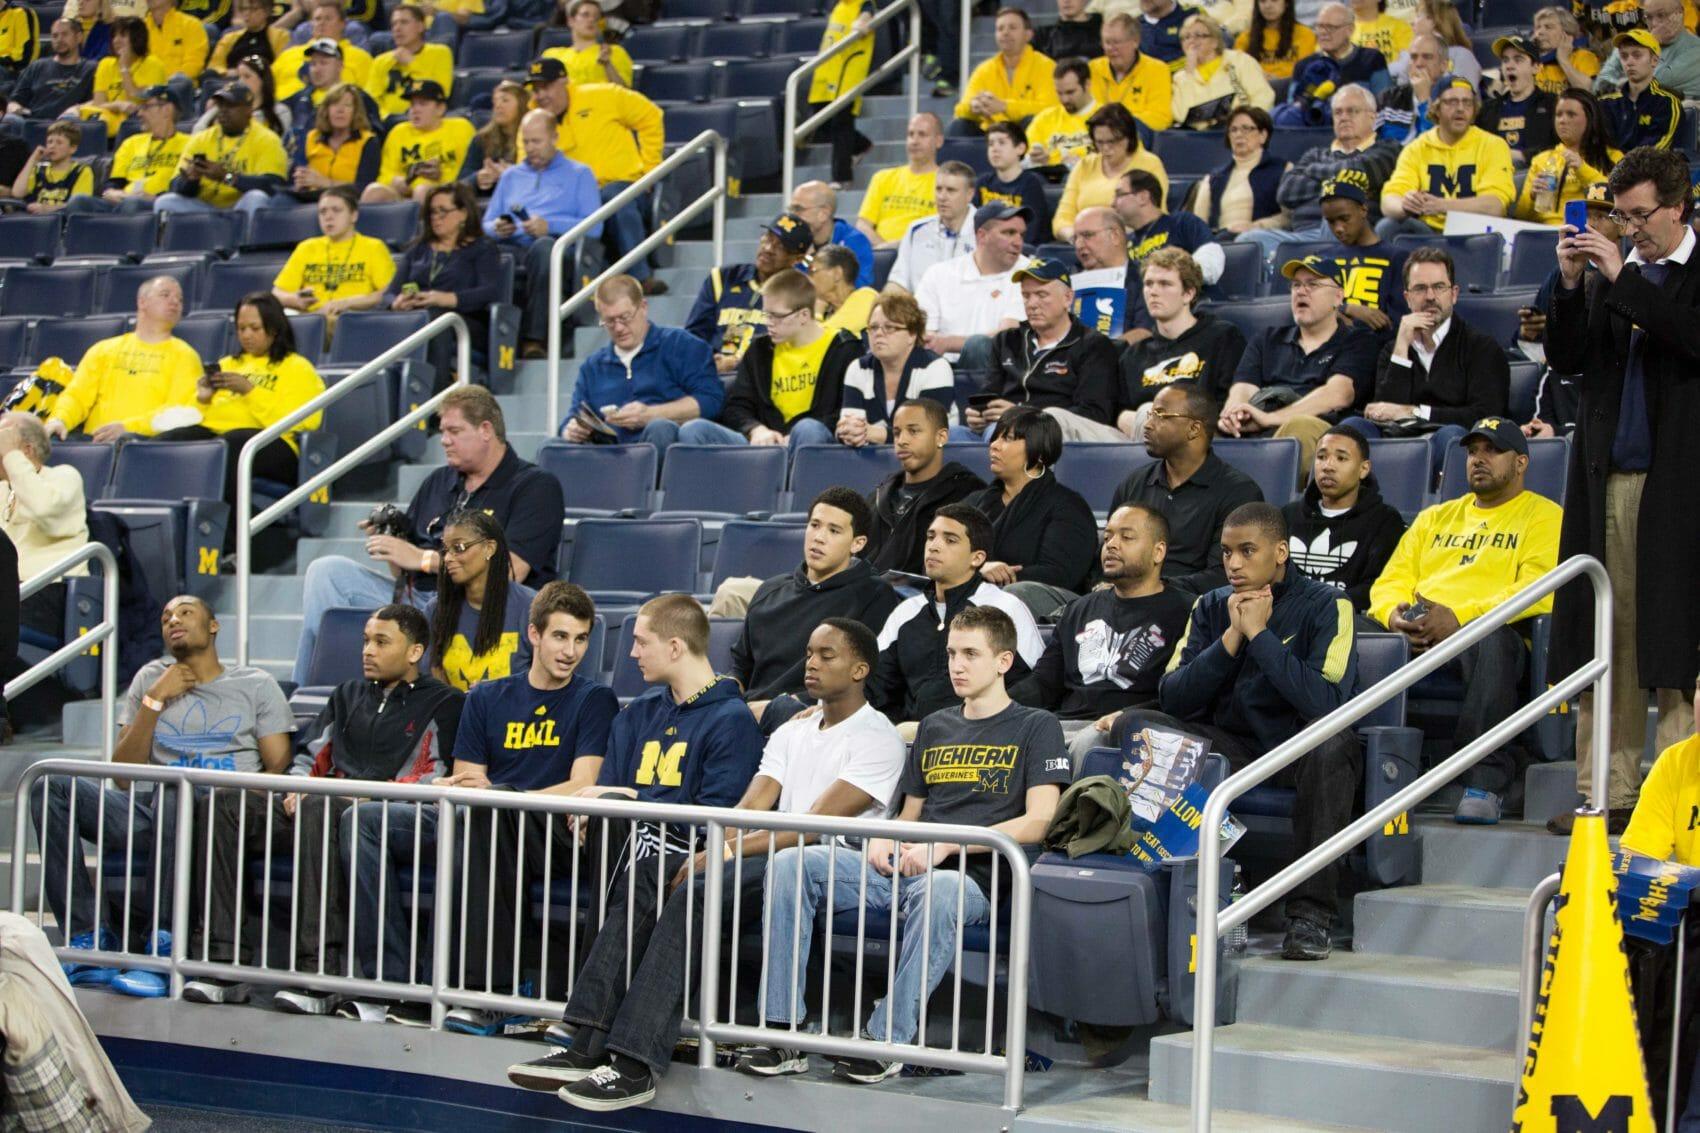 Recruits at Michigan-Indiana